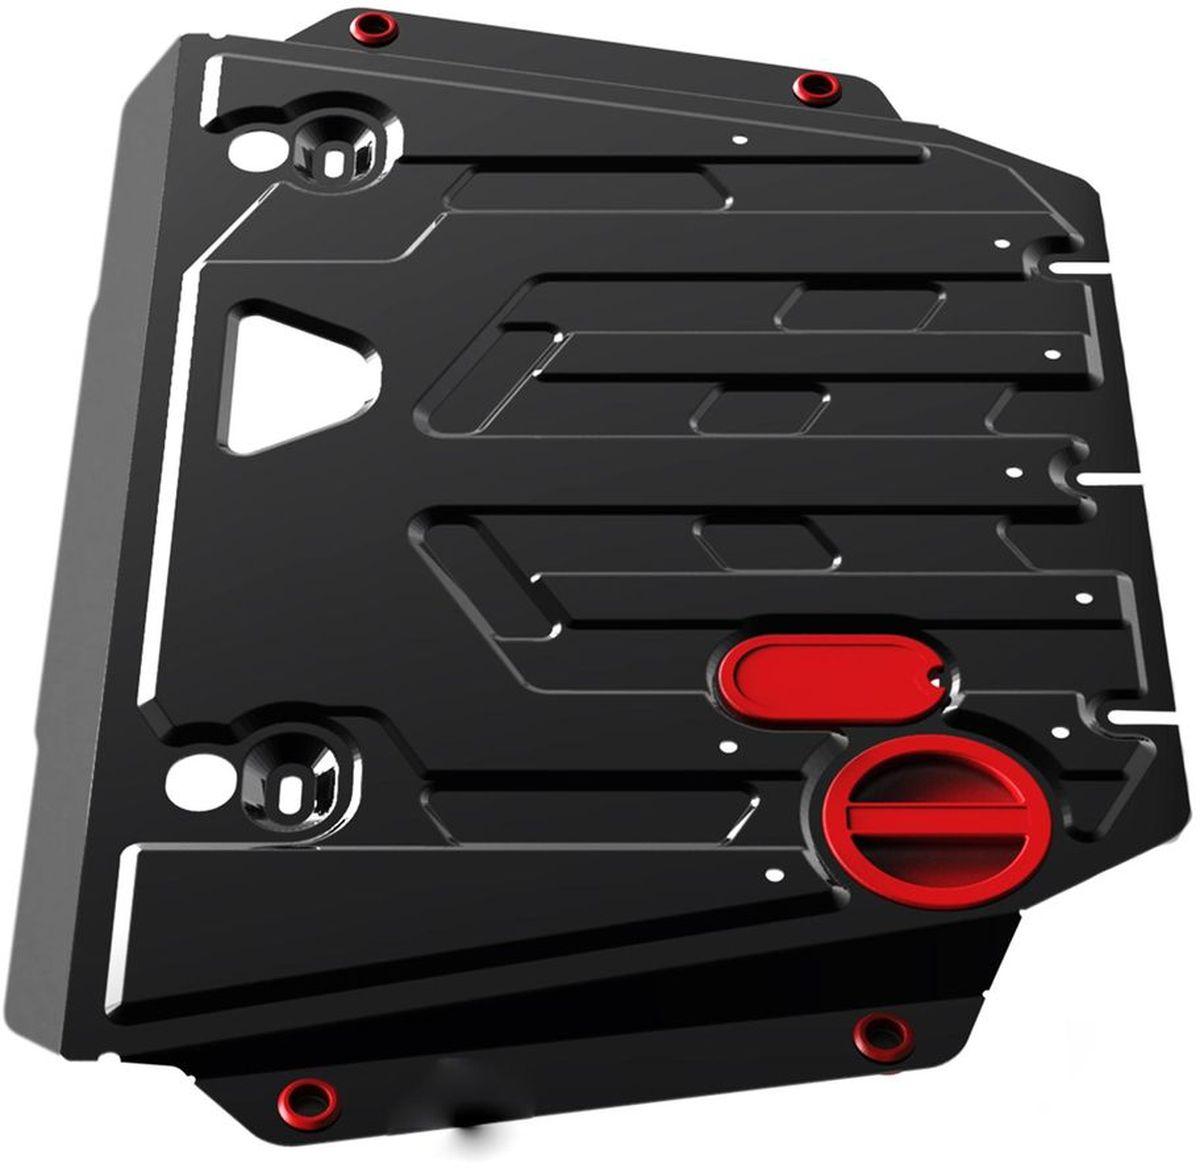 Защита картера и КПП Автоброня, для Kia Soul, А, V-1,6;1,6D (2014-)111.02827.1Технологически совершенный продукт за невысокую стоимость. Защита разработана с учетом особенностей днища автомобиля, что позволяет сохранить дорожный просвет с минимальным изменением. Защита устанавливается в штатные места кузова автомобиля. Глубокий штамп обеспечивает до двух раз больше жесткости в сравнении с обычной защитой той же толщины. Проштампованные ребра жесткости препятствуют деформации защиты при ударах. Тепловой зазор и вентиляционные отверстия обеспечивают сохранение температурного режима двигателя в норме. Скрытый крепеж предотвращает срыв крепежных элементов при наезде на препятствие. Шумопоглощающие резиновые элементы обеспечивают комфортную езду без вибраций и скрежета металла, а съемные лючки для слива масла и замены фильтра - экономию средств и время. Конструкция изделия не влияет на пассивную безопасность автомобиля (при ударе защита не воздействует на деформационные зоны кузова). Со штатным крепежом. В комплекте инструкция по установке....